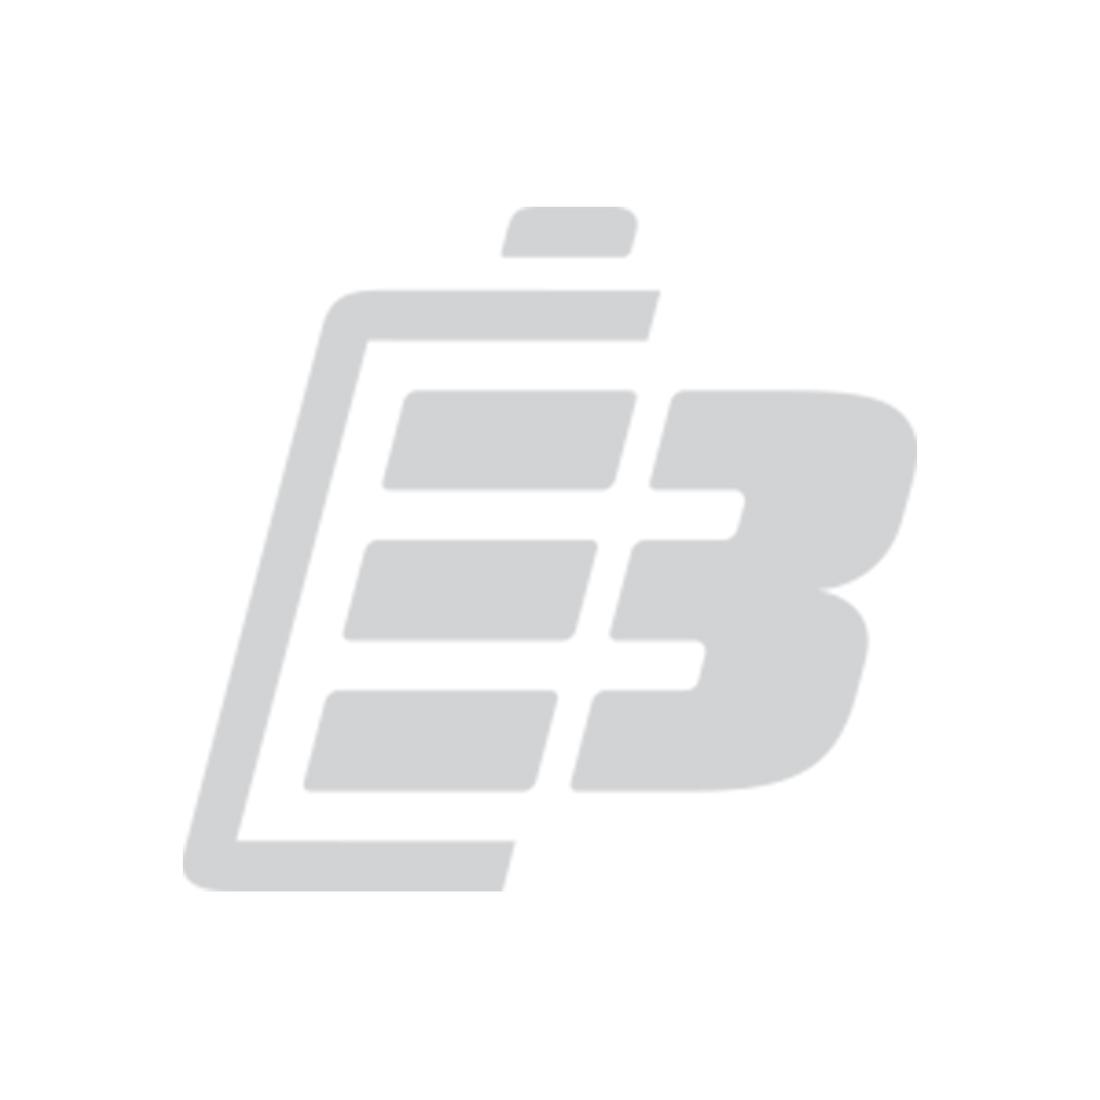 Wireless Speaker battery JBL Boombox_1